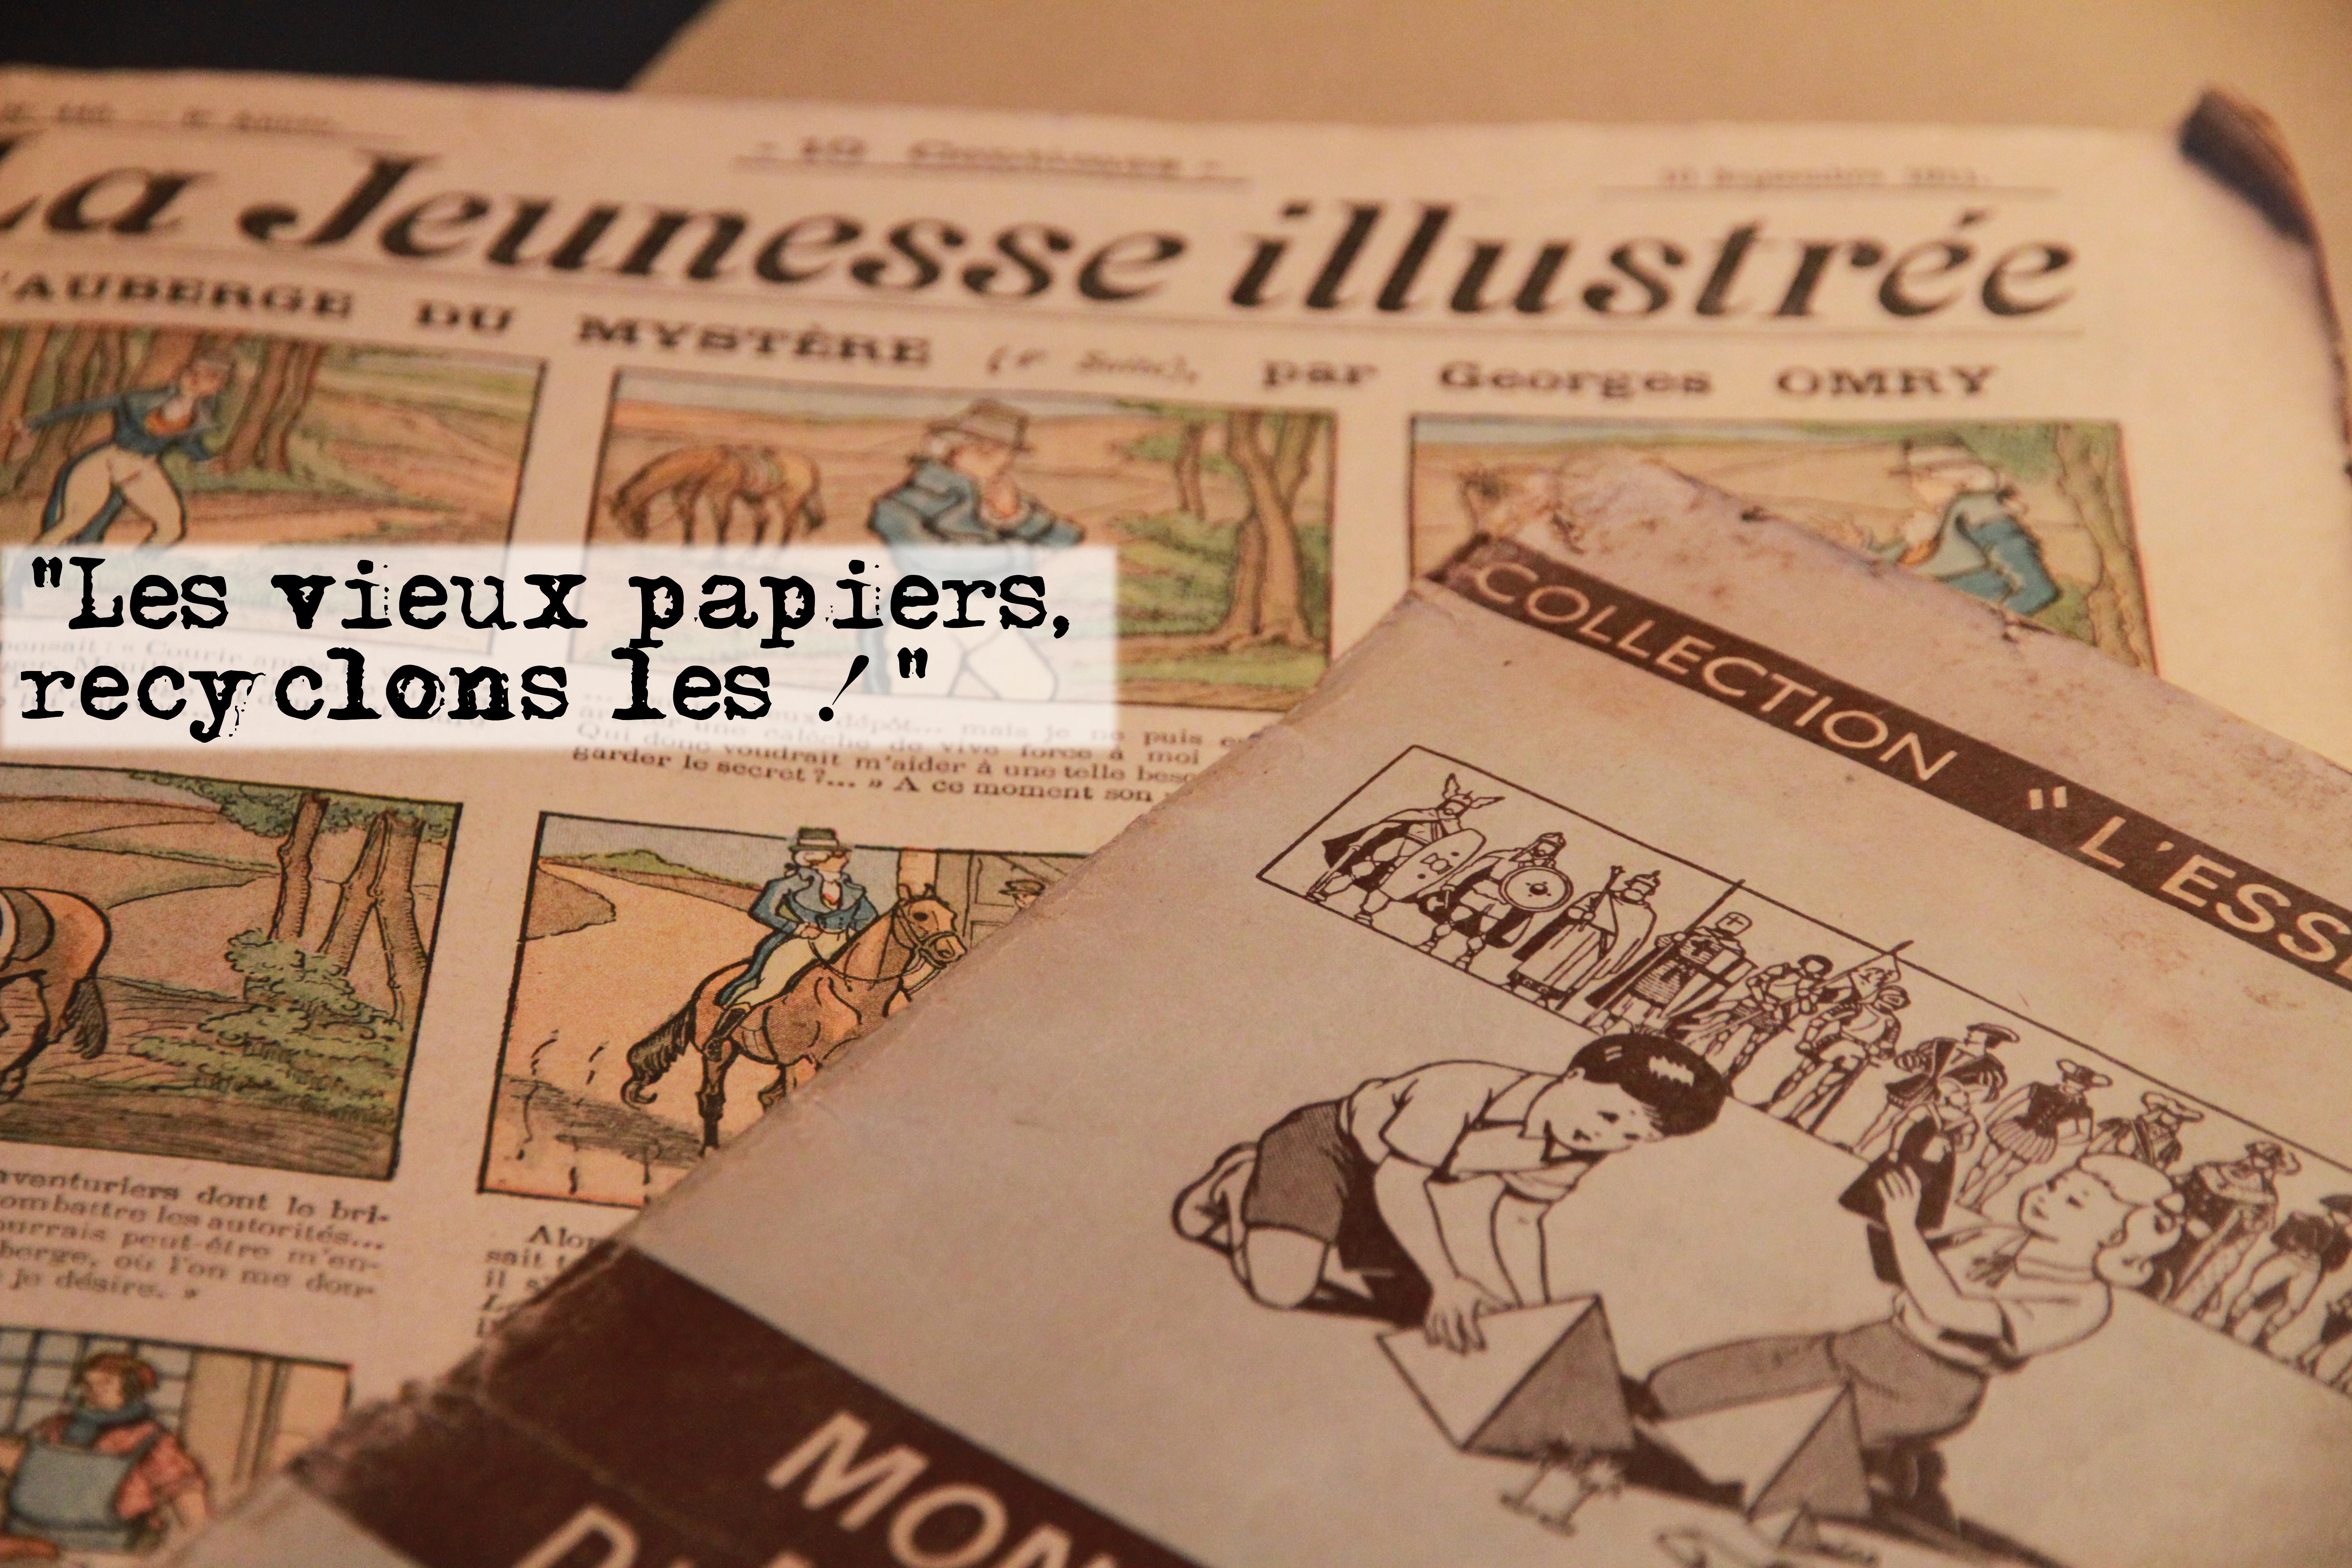 Les vieux Papiers recyclons les !